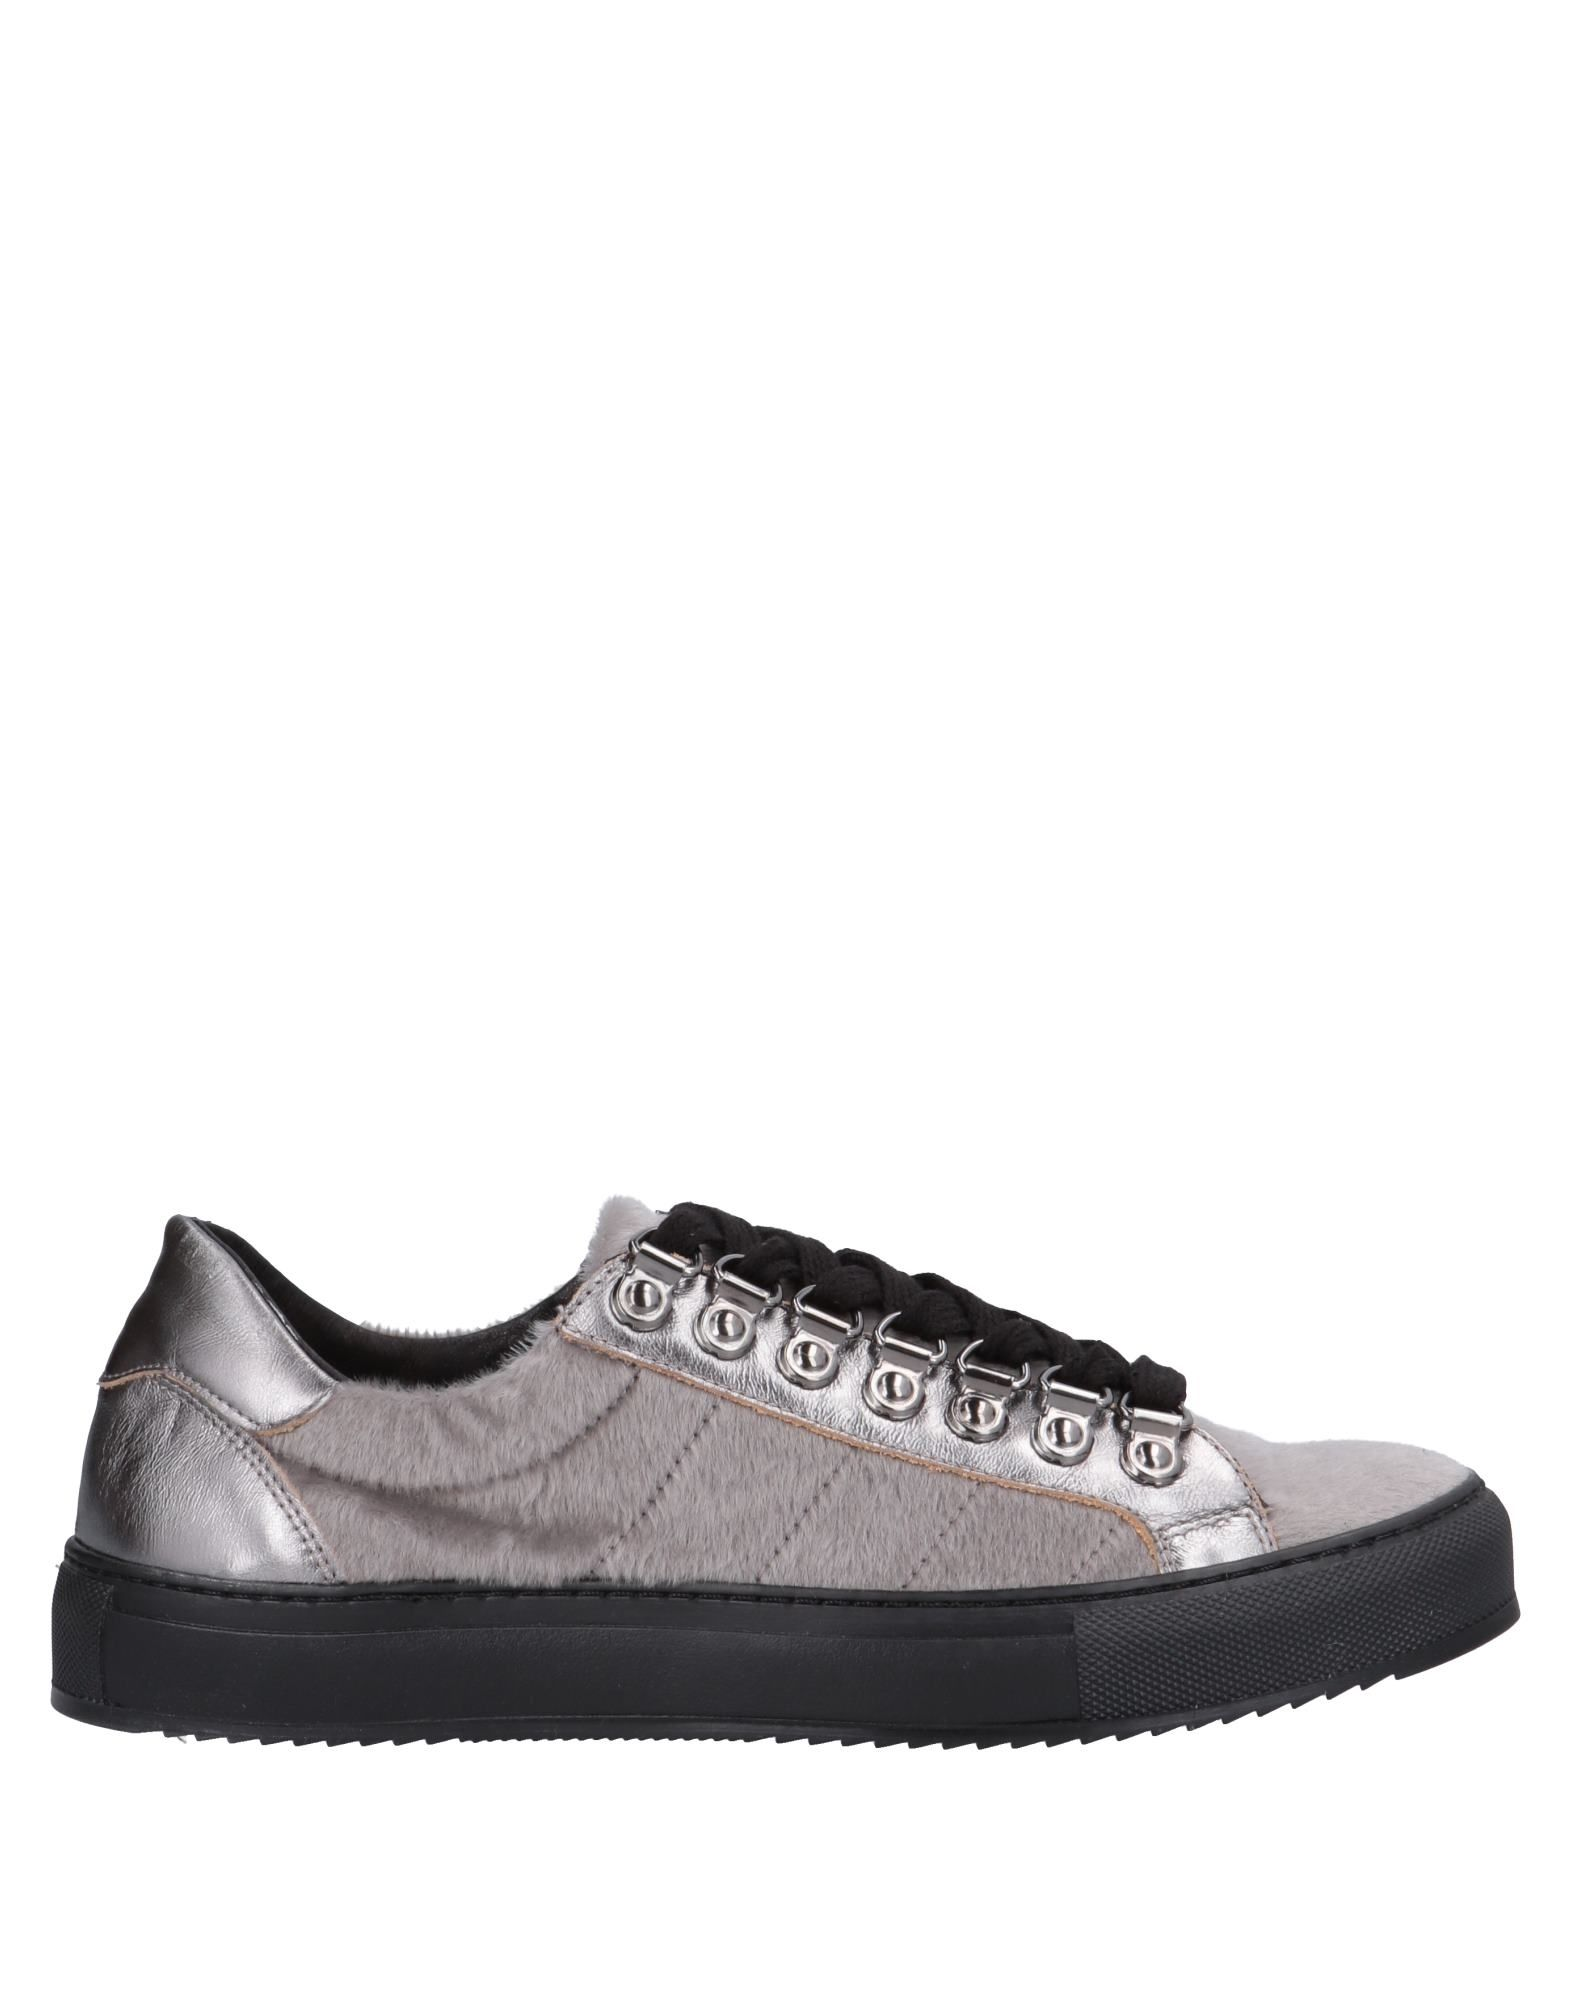 Gris perla Zapatillas Zapatillas Zapatillas Manuela Dardozzi Hombre - Zapatillas Manuela Dardozzi Los zapatos más populares para  hombres  y mujeres 1db16f